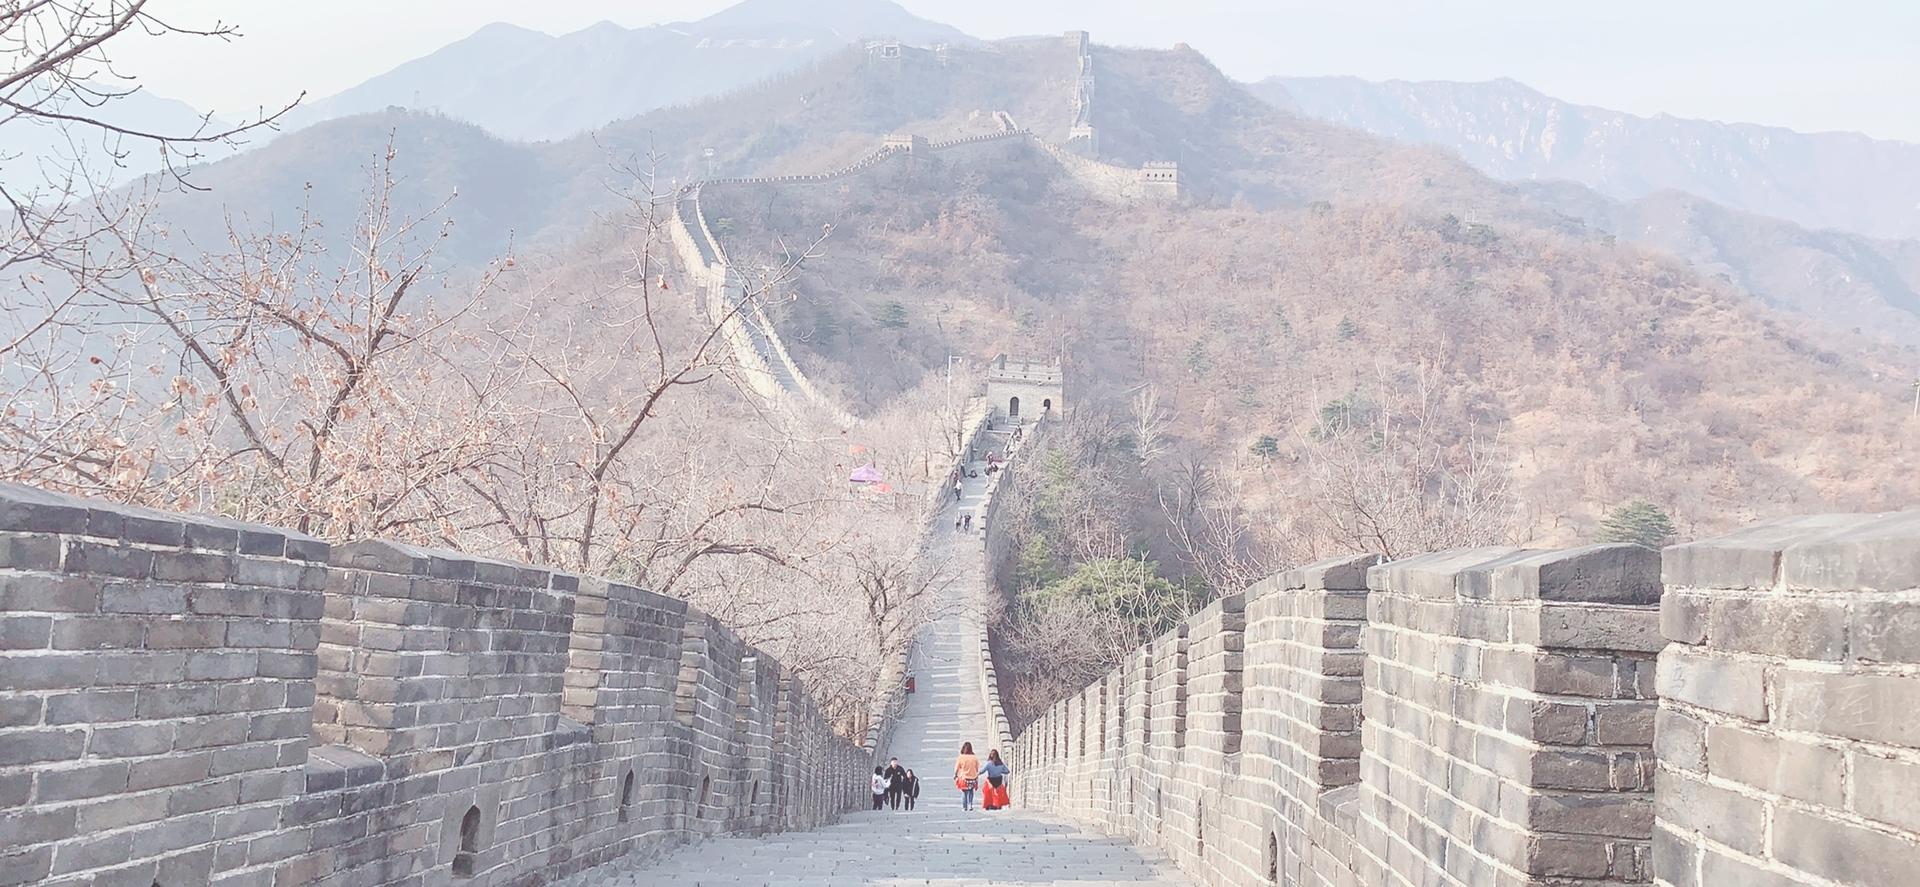 ひとり旅で中国に来ました。 ツアーなど大勢で観光するより自分のペースで回りたかったのでドライバーさんをお願いしました。  時間通りにキチンと来ていただき、想像以上に日本語が上手で、特に気を使わずリラックスしてお話ししながら万里の長城まで送っていただきました。  到着すると、チケット3種類を購入していただき注意点などしっかり説明していただきました。他の観光地では1人でチケットを買えていましたが、万里の長城は少し複雑で乗り場も離れている為、すごく助かりました!  少し早めに待ち合わせ場所に戻りましたが、その際も既に待機していてくださりました!  すごくいい方だったので、また利用する際はお願いしたいです!